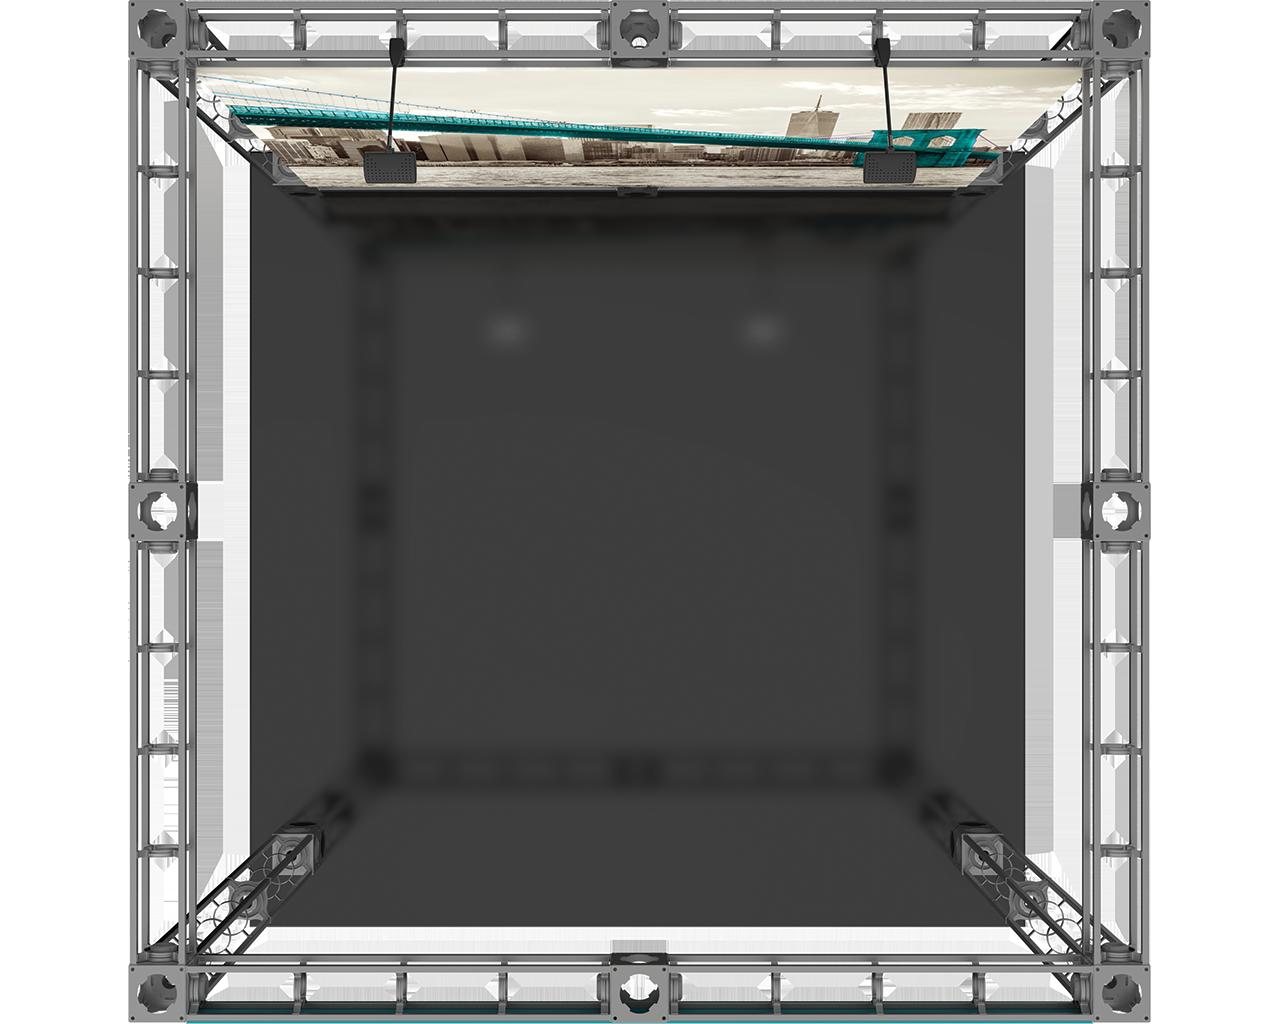 Luna-1 10 x 10 Orbital Truss Display